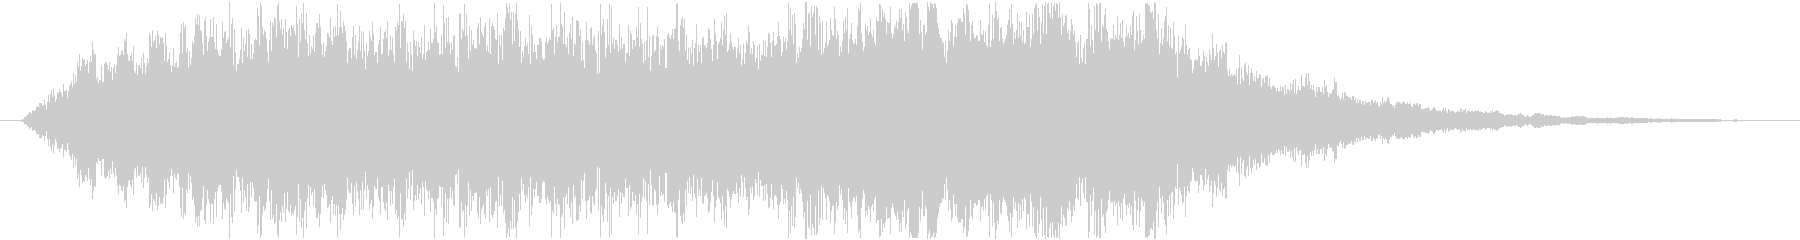 幻想的なサウンドロゴ(ジングル)の未再生の波形